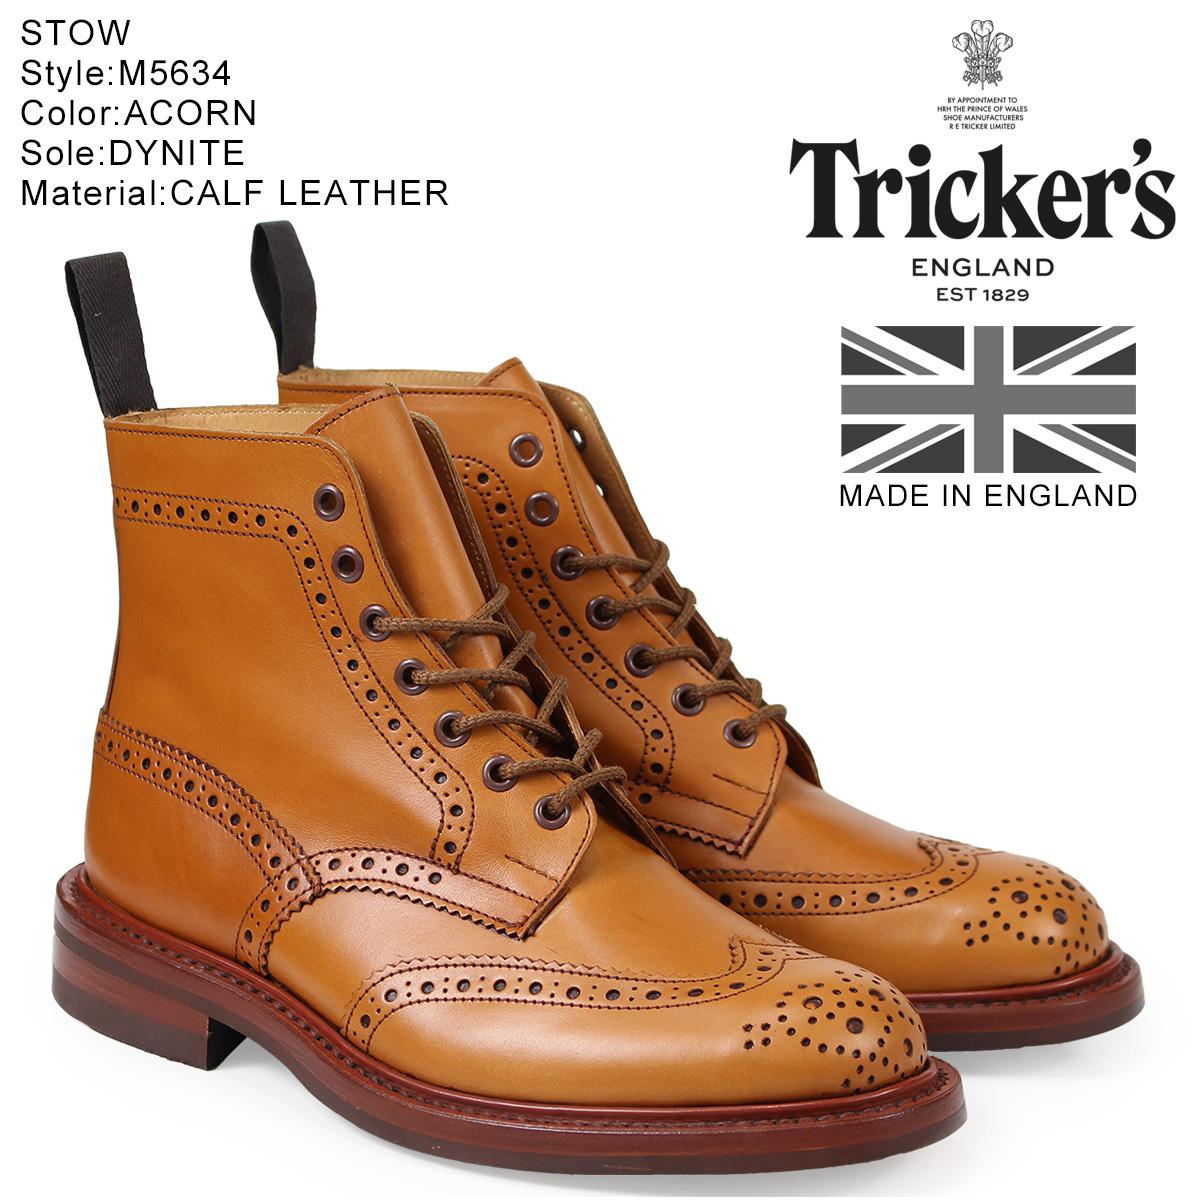 トリッカーズ Trickers カントリーブーツ STOW M5634 5ワイズ メンズ ライトブラウン